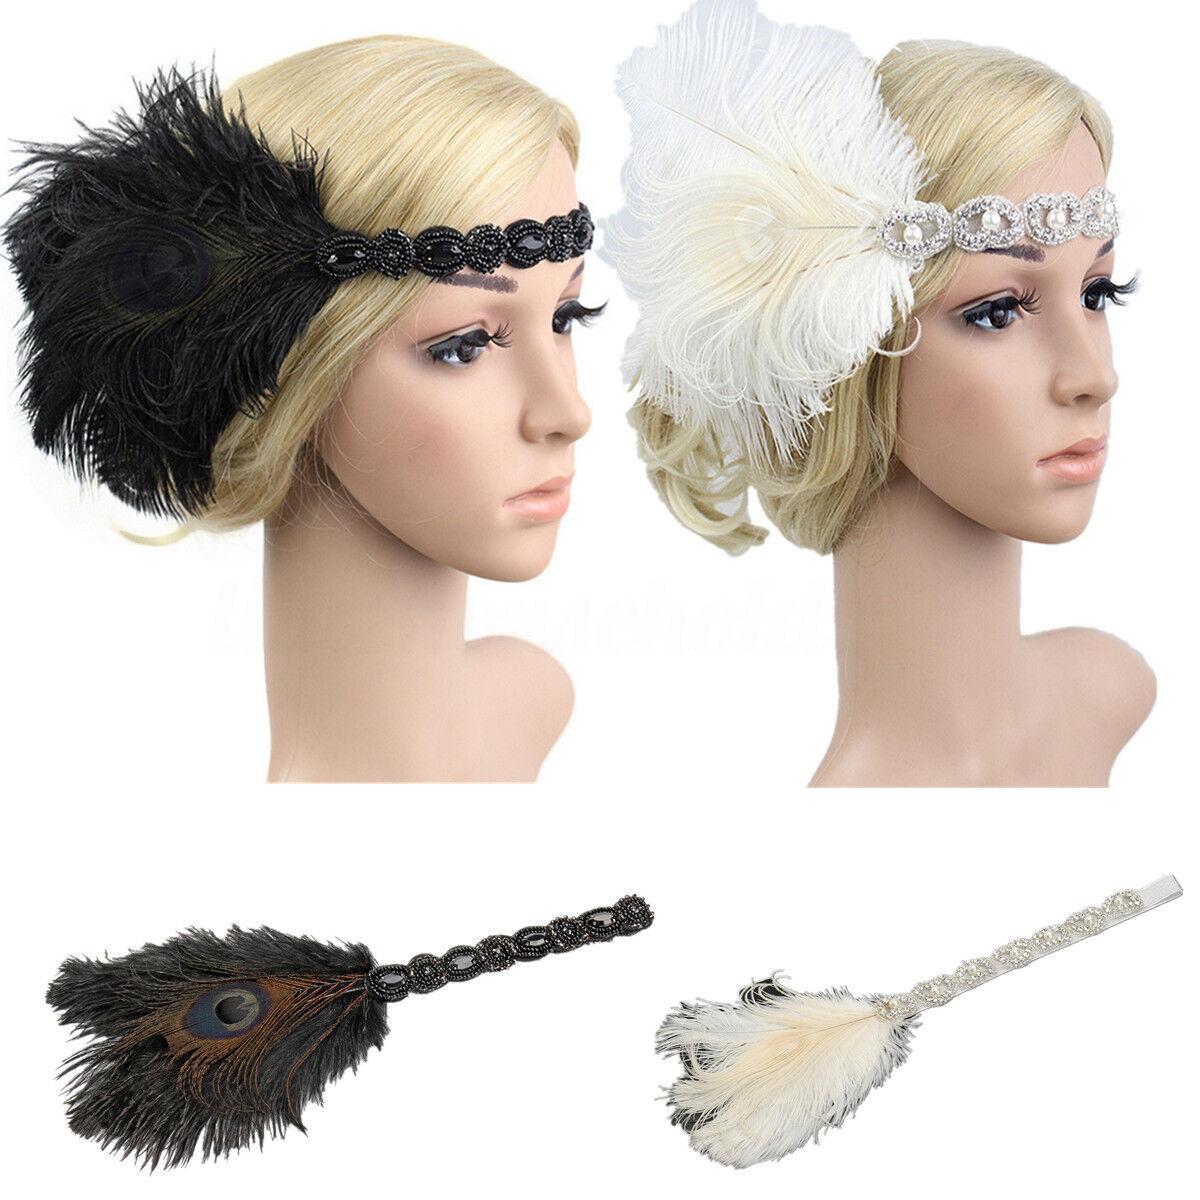 Feder Stirnband Haarband 1920s 20er Charleston Gatsby Kopfband Kopfschmuck Damen